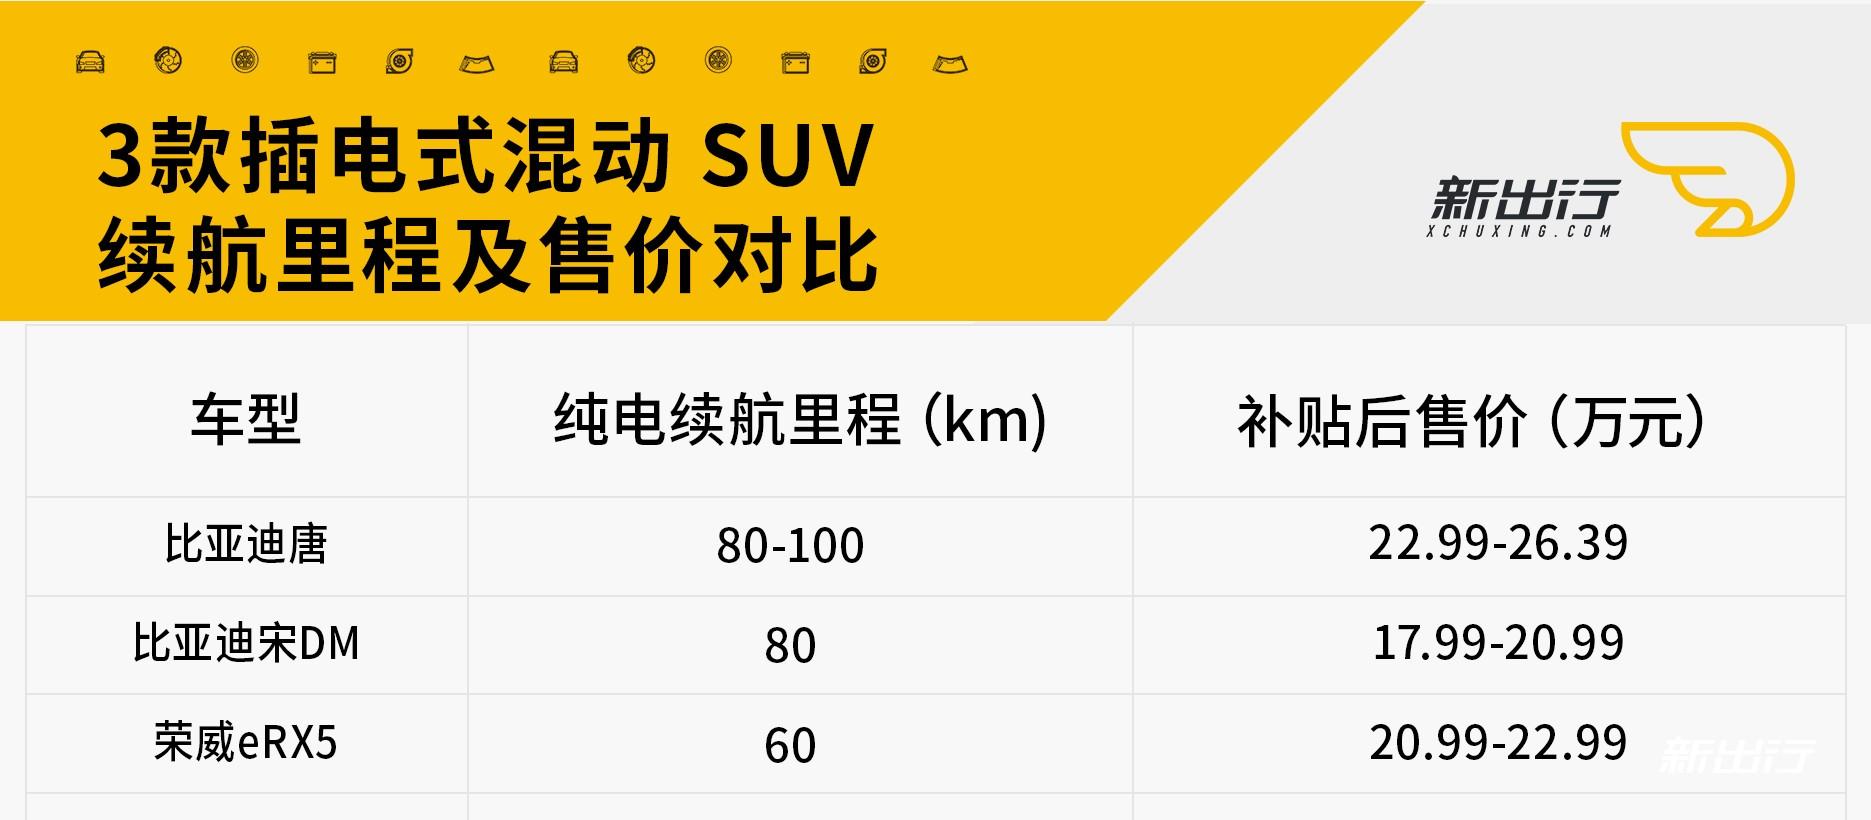 天津、杭州地区插电混动 SUV对比-1.jpg